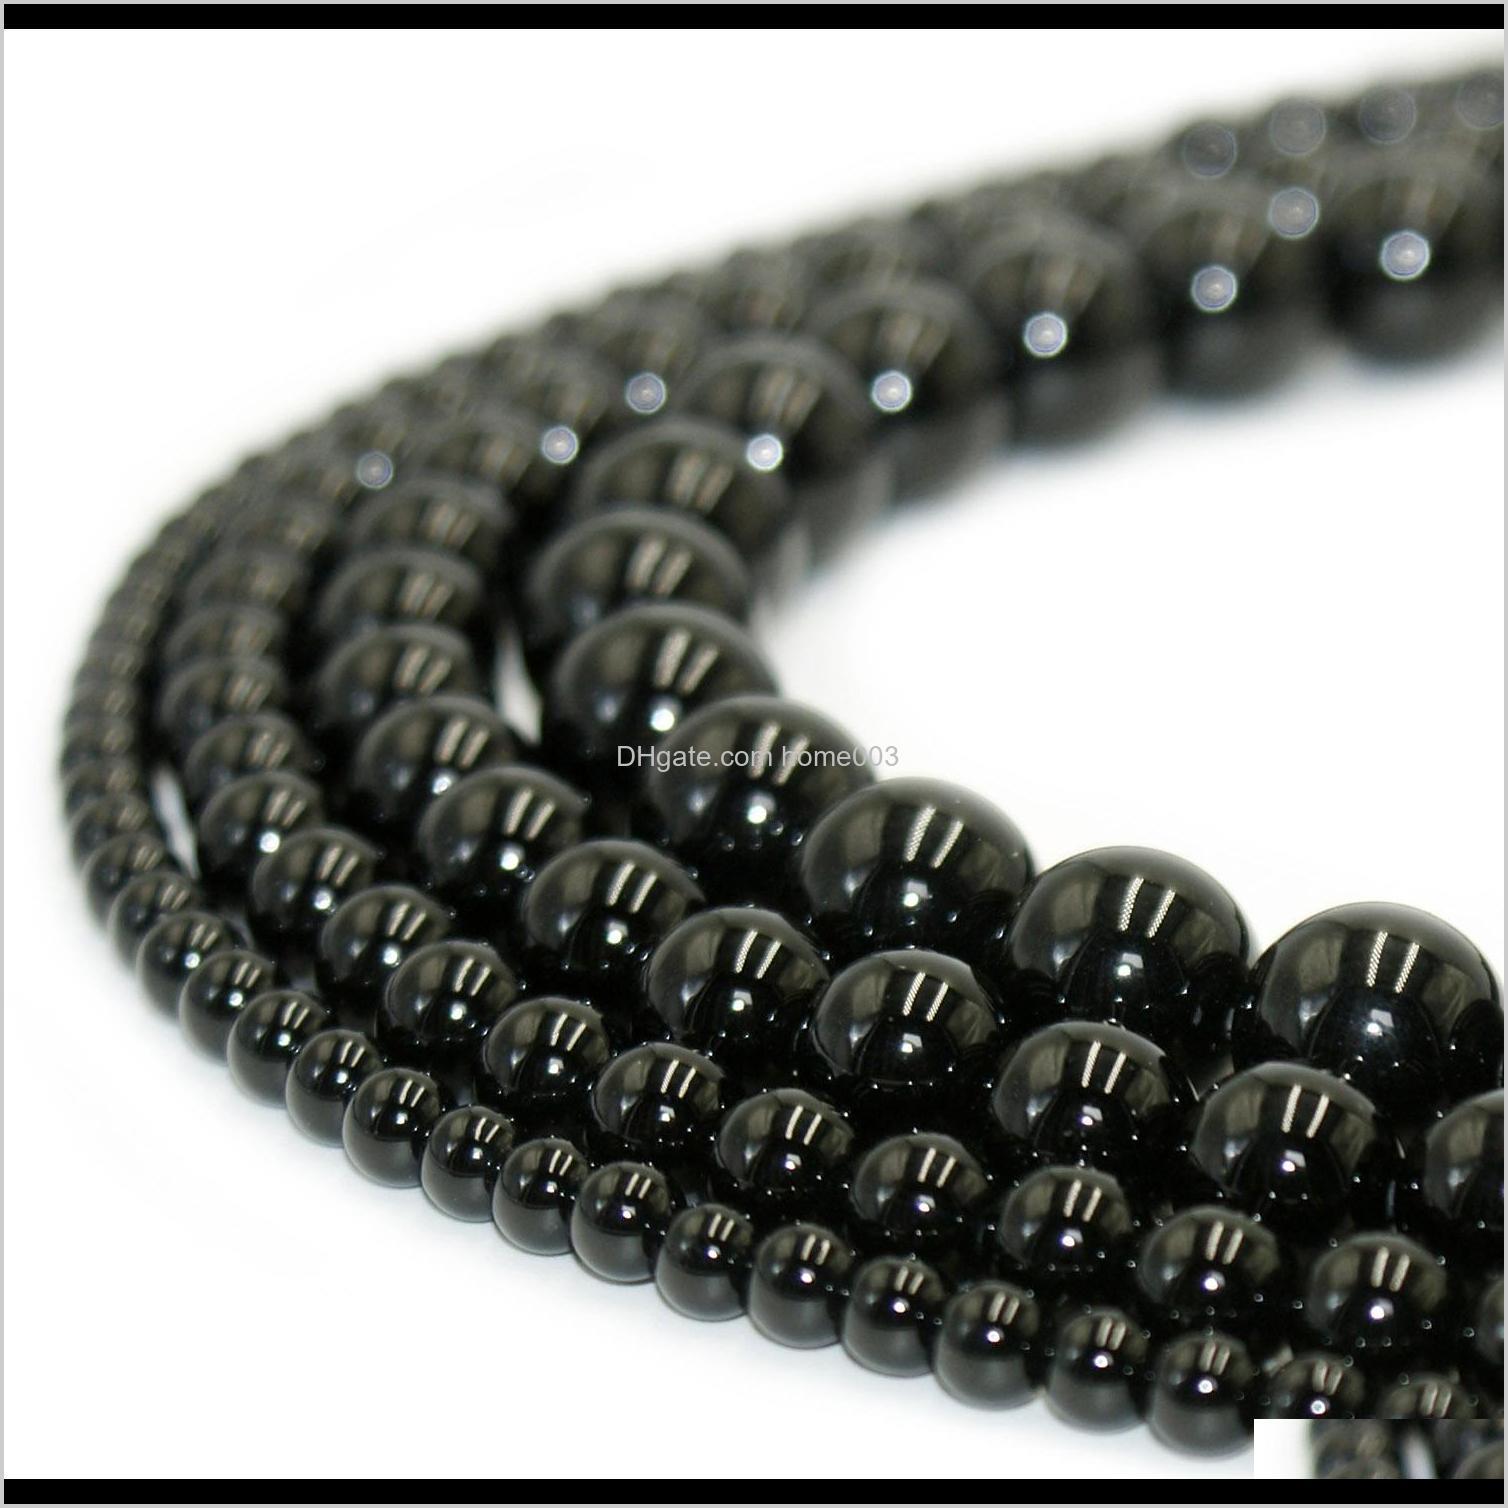 Drop livraison 2021 Pierre naturelle 100percent Noir Noir Obsidian Ronde Gemstone Perles en vrac pour bricolage Bracelet Bijoux Faire 1 brin 15 pouces 4-10